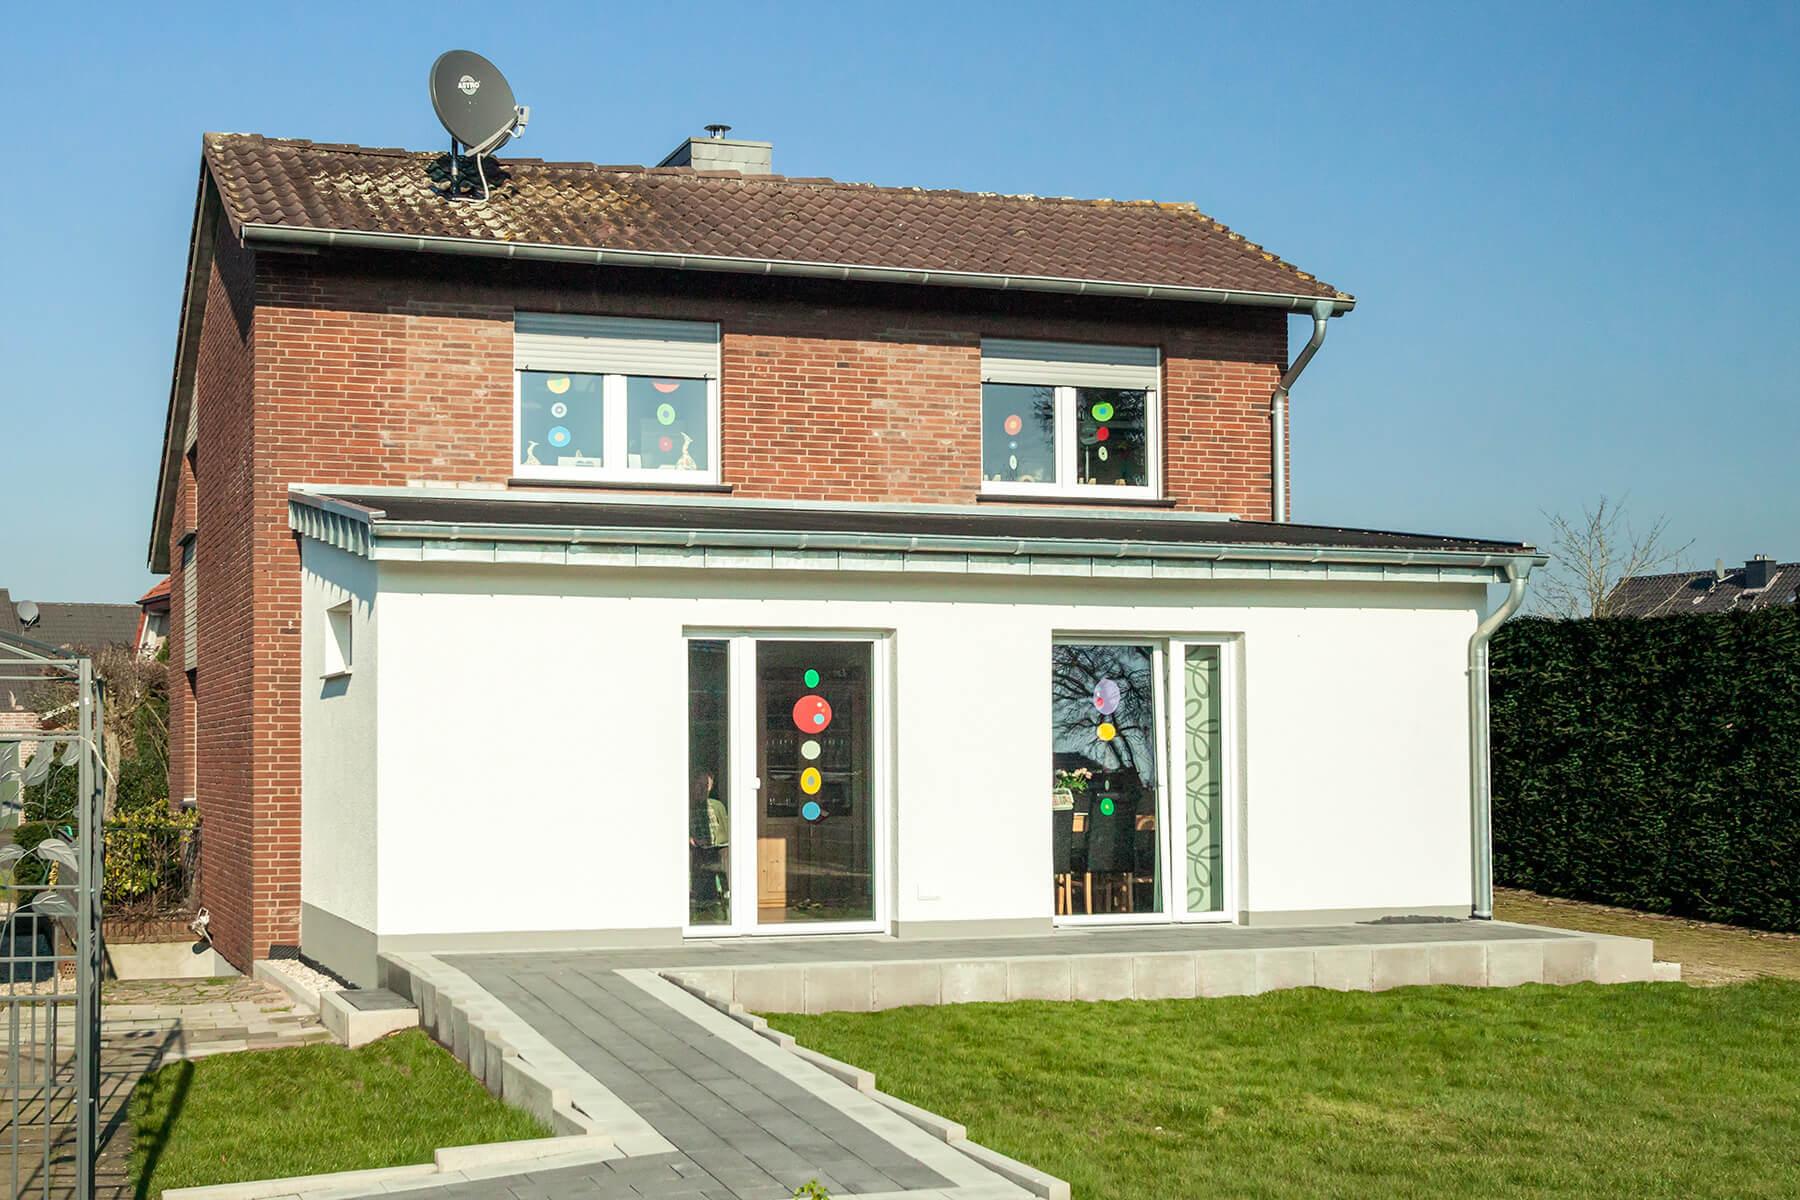 Anbau Altbau stunning anbau an altbau gallery thehammondreport com